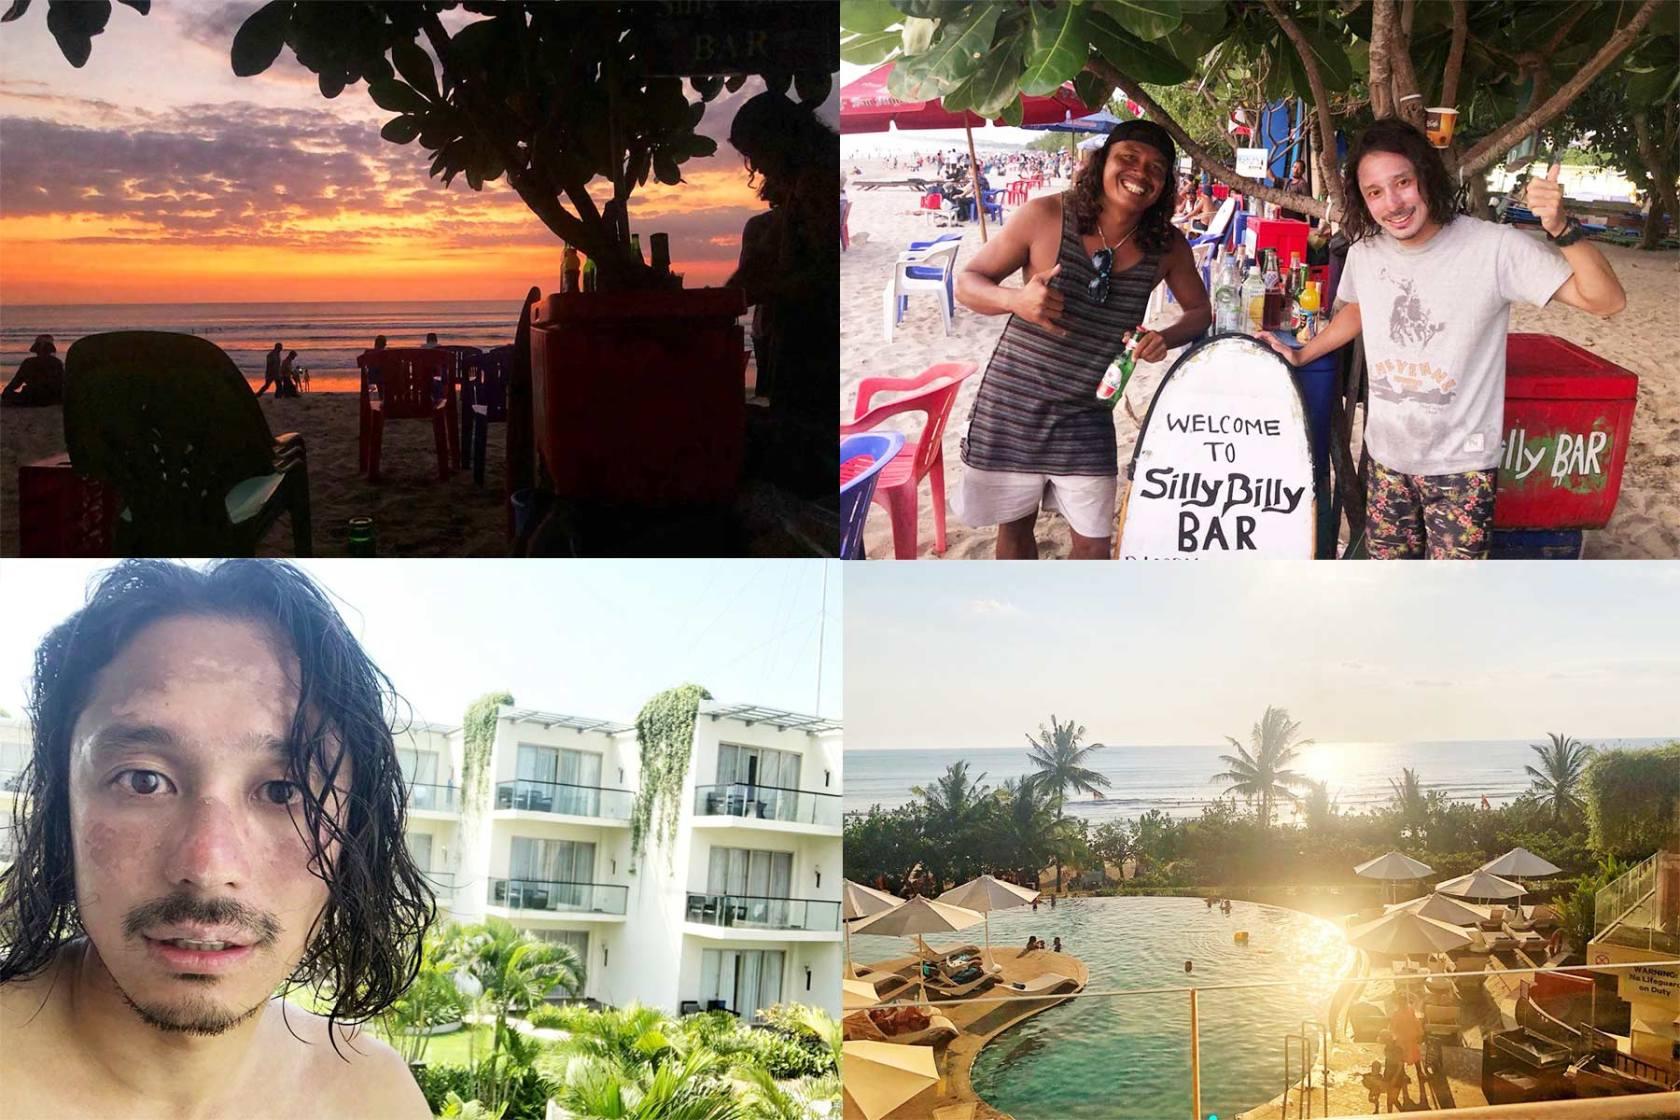 これで青い空と海とお別れ!バリ島最終日はサーフィンとハンバーガーとプールサイドで